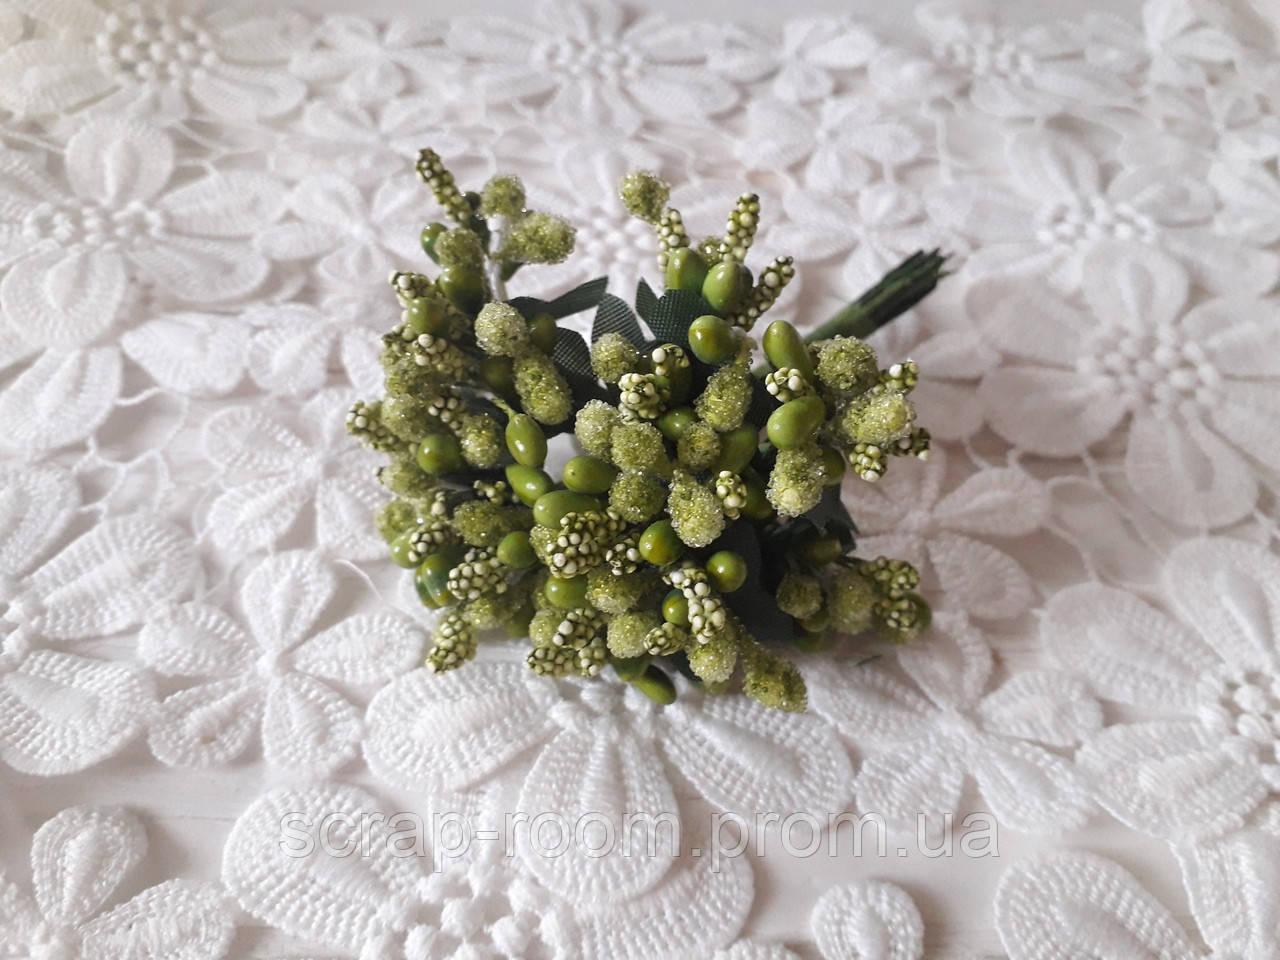 Букет из сложных тычинок оливковый, тычинки сложные, оливковый букет сложных тычинок, букет 12 шт